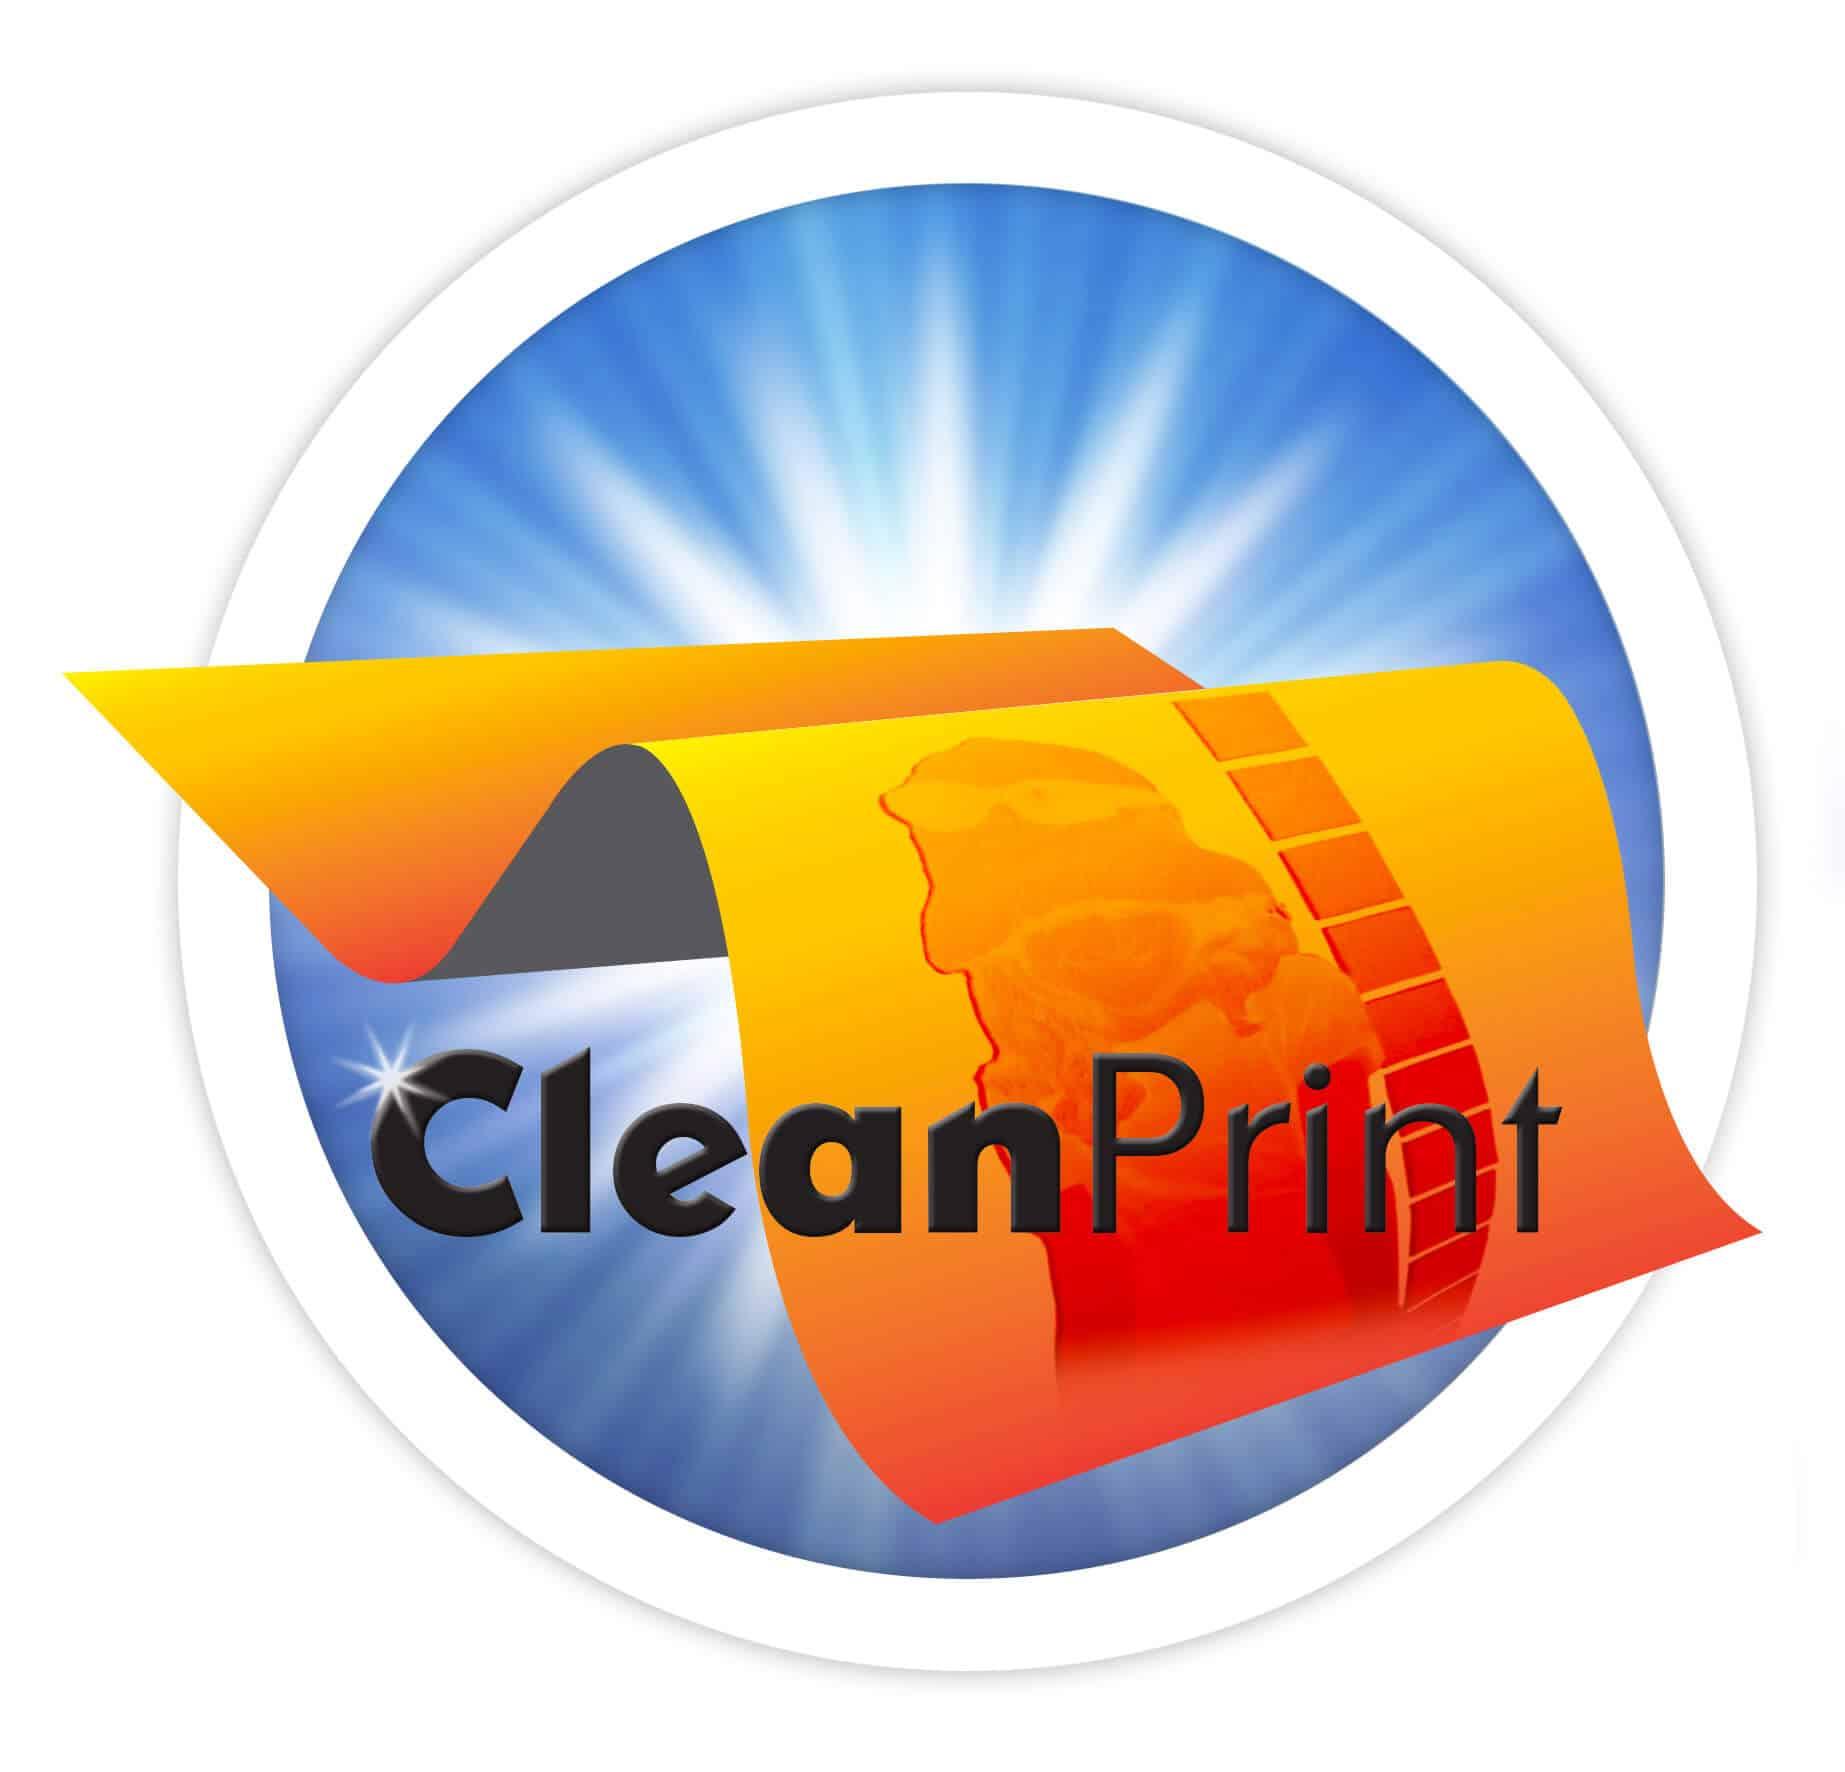 Новое оборудование на рынке флексографских пластин: технология CleanFlat от Asahi